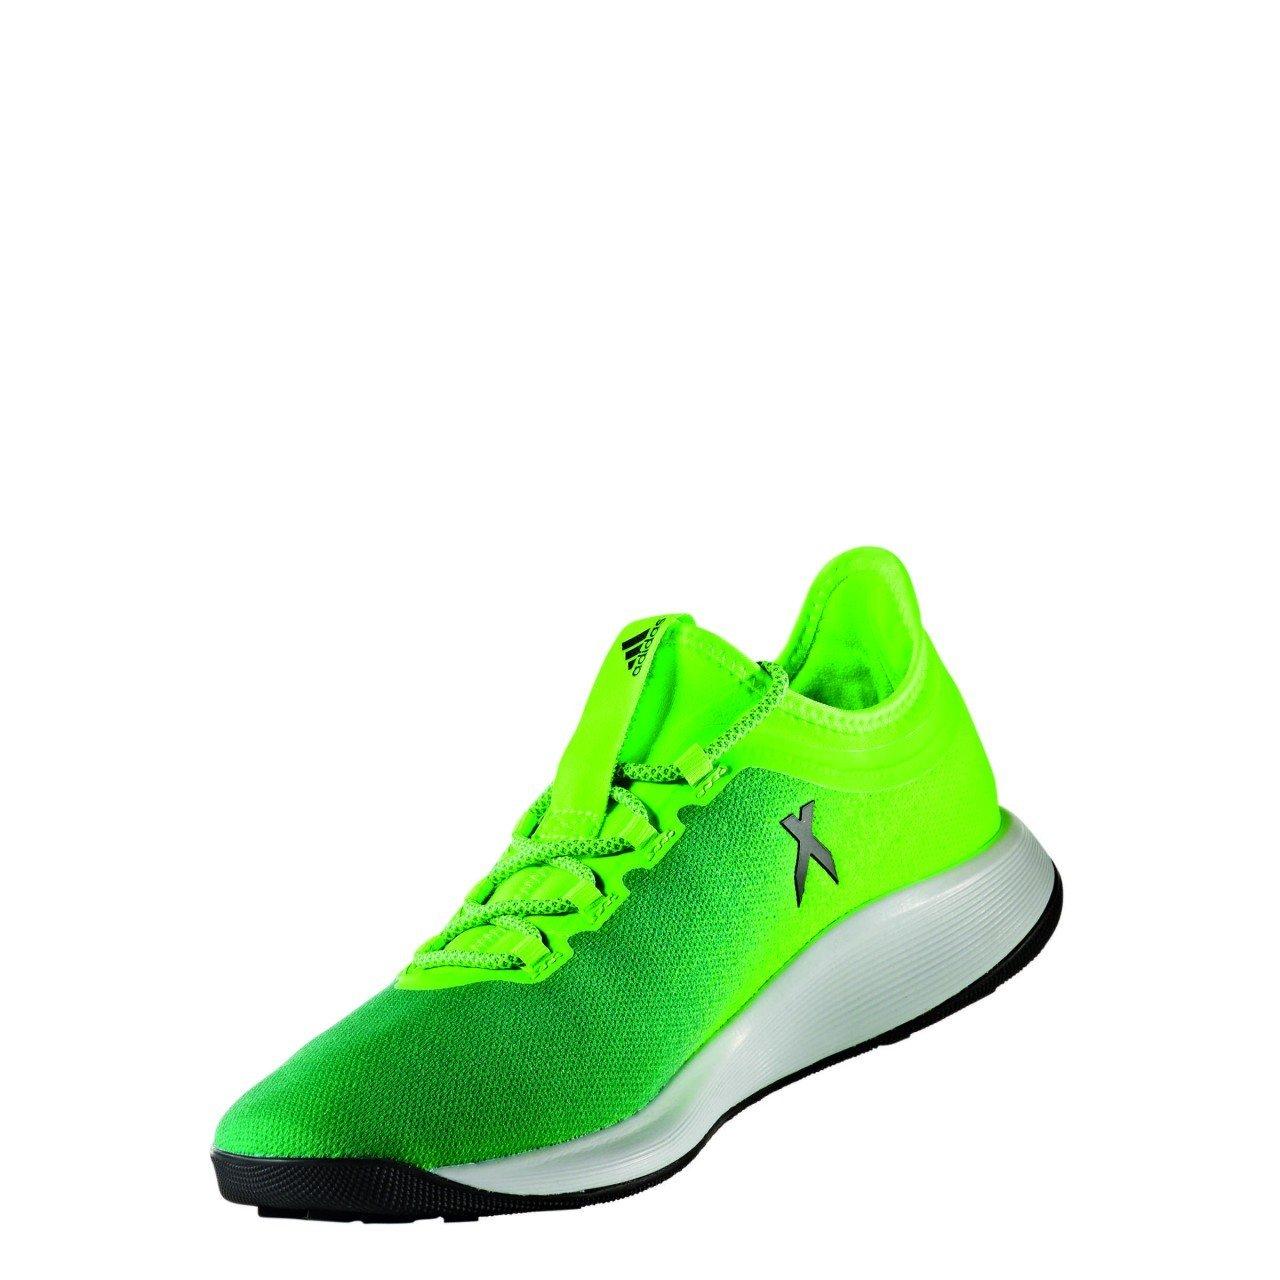 Adidas Herren X Tango 16.2 Tr für Fußballtrainingsschuhe